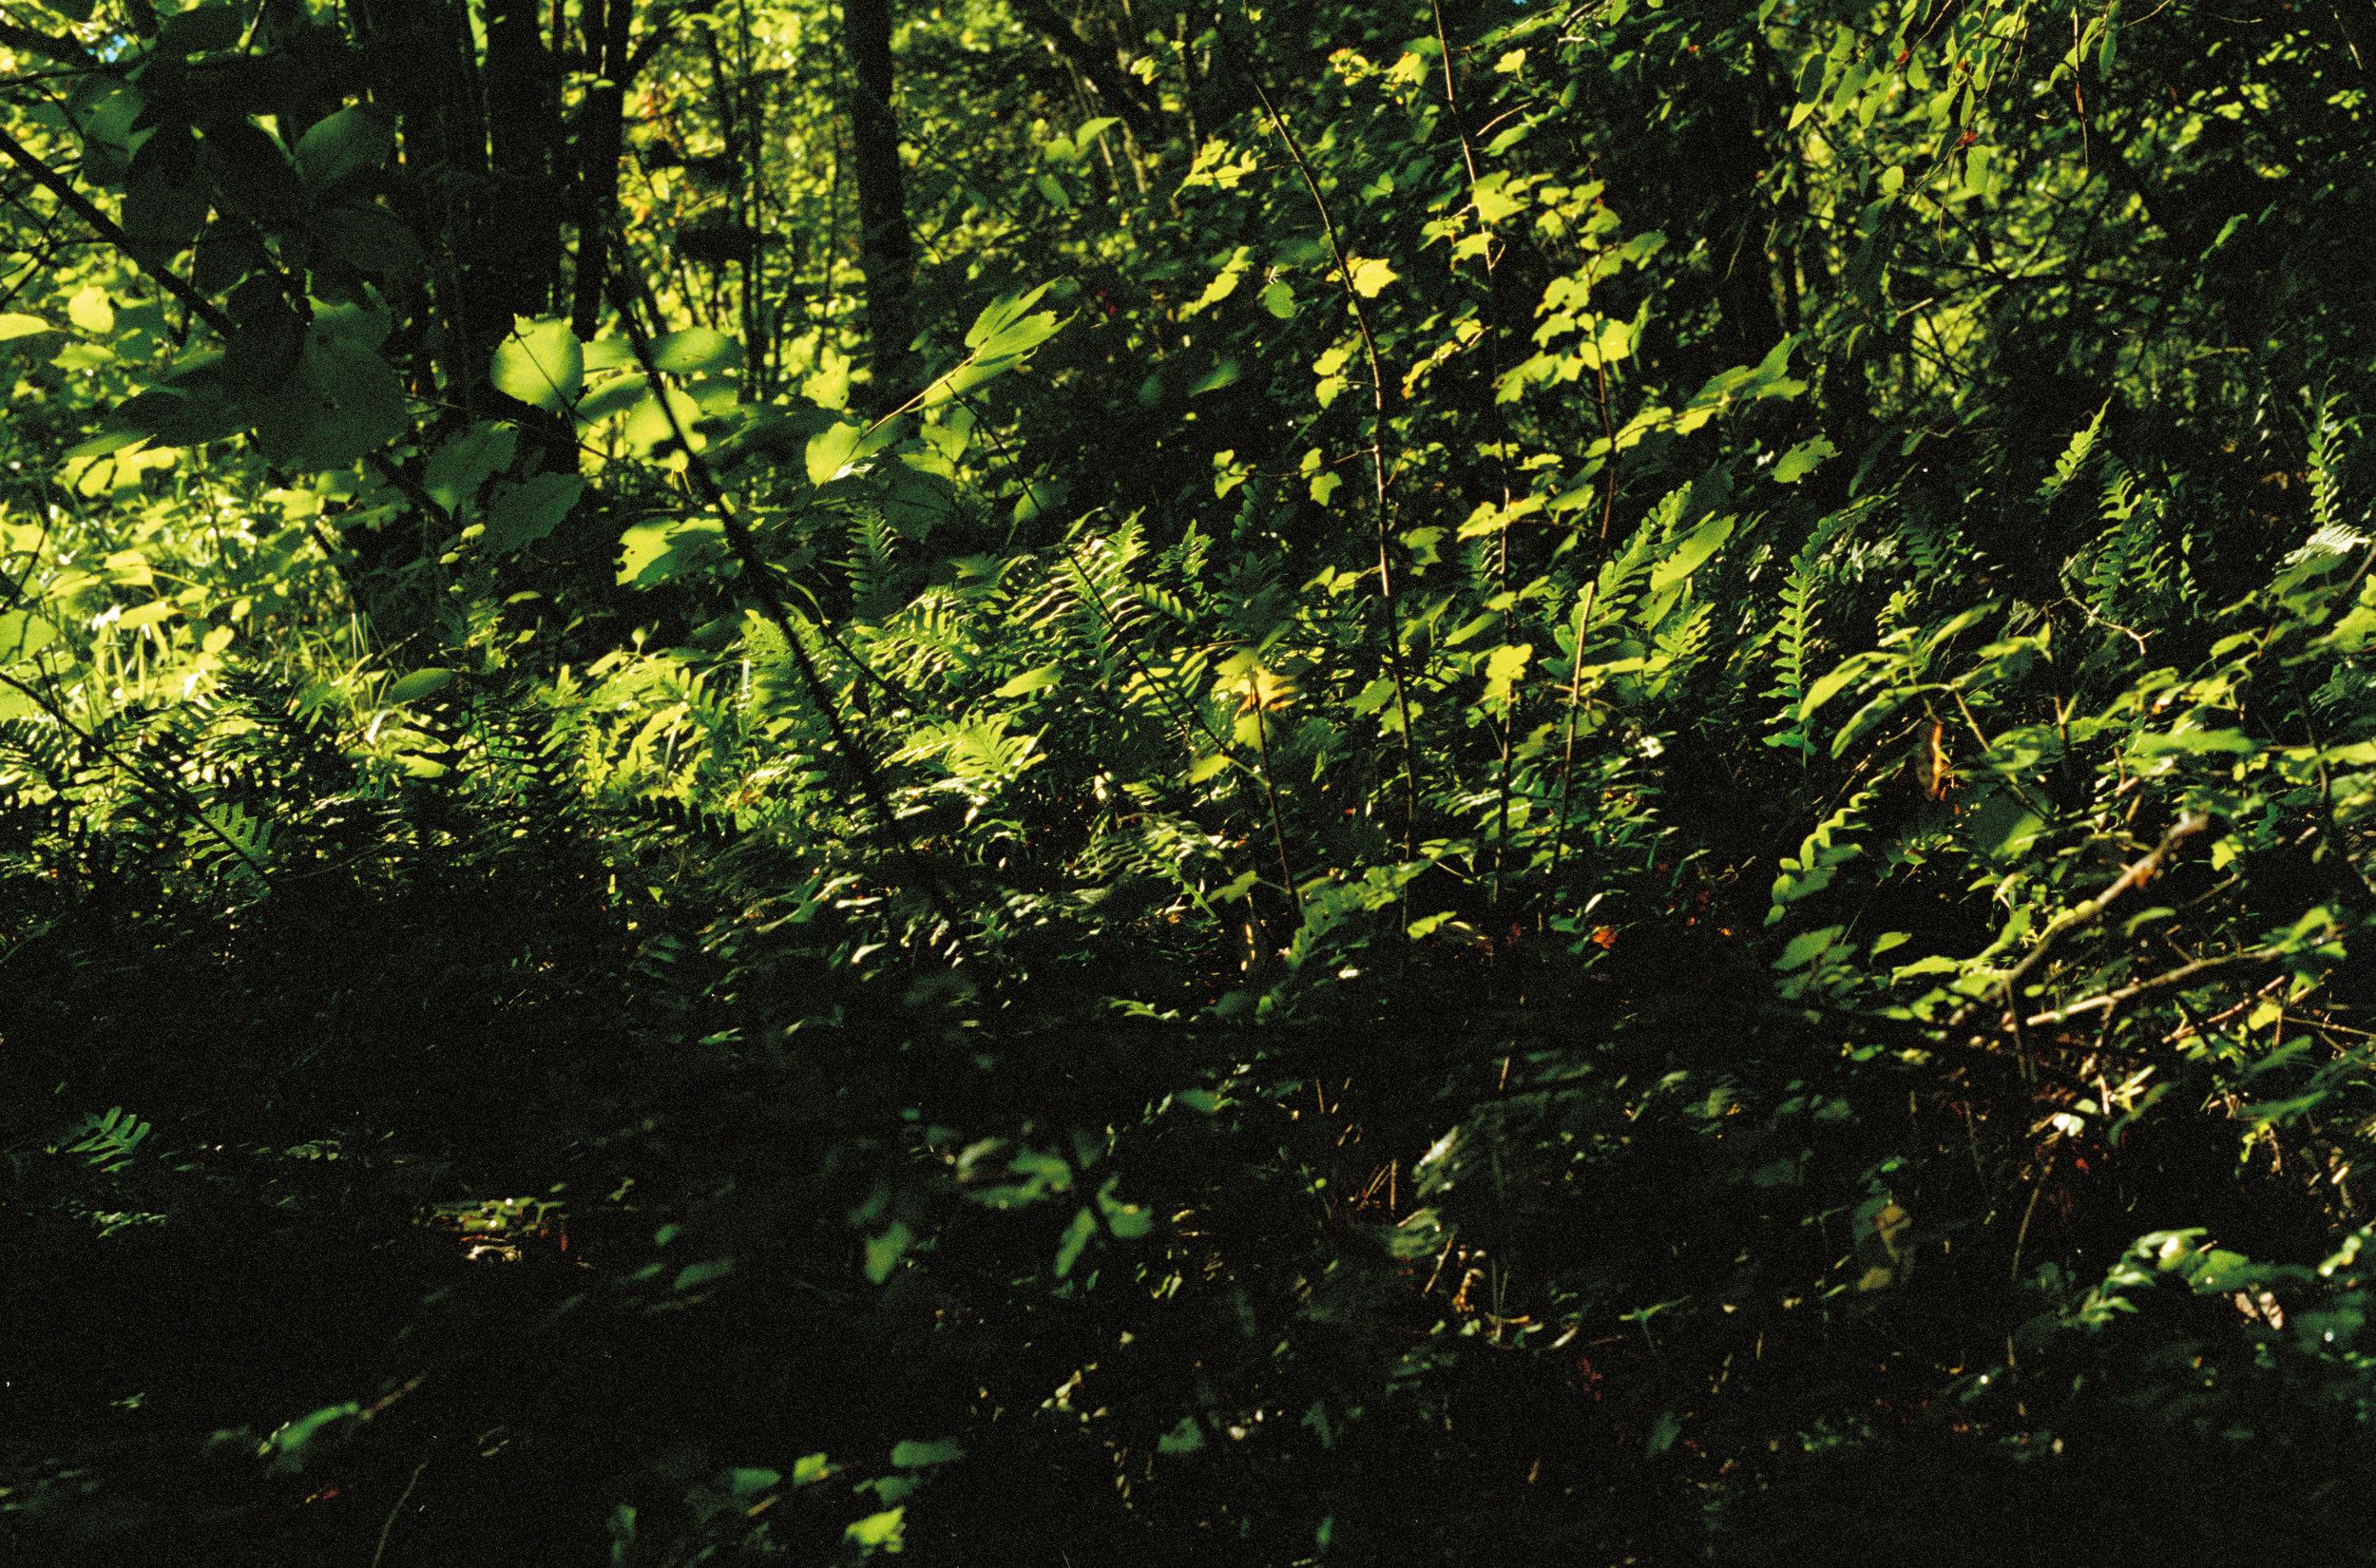 Bain de forêt : savourer le silence, se recharger en marchant entouré des arbres. - Bois de vincennes